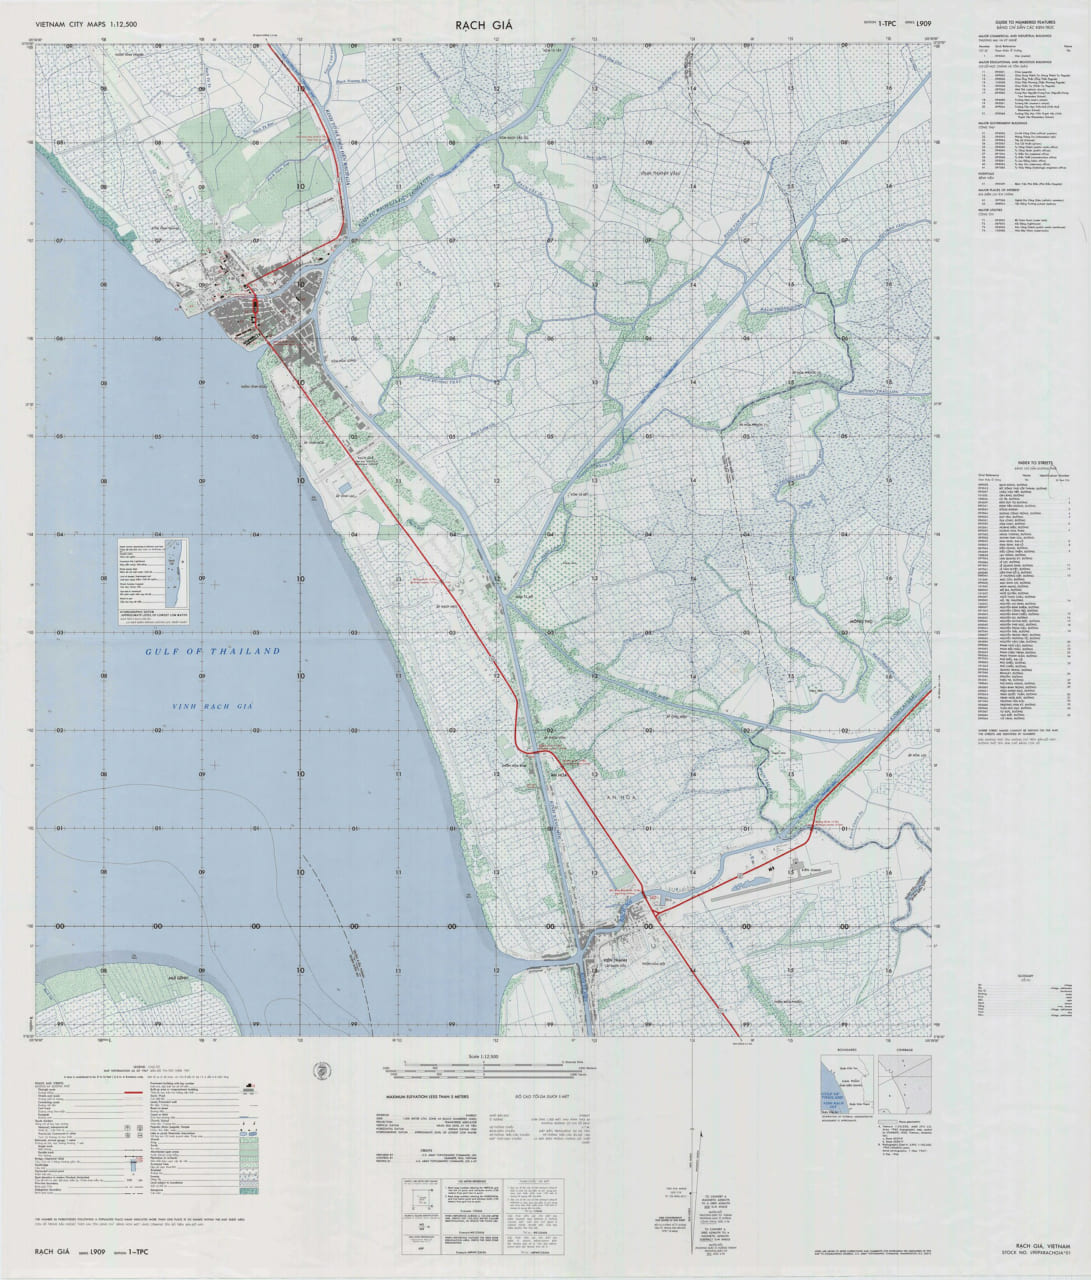 Bản đồ Rạch Giá năm 1969